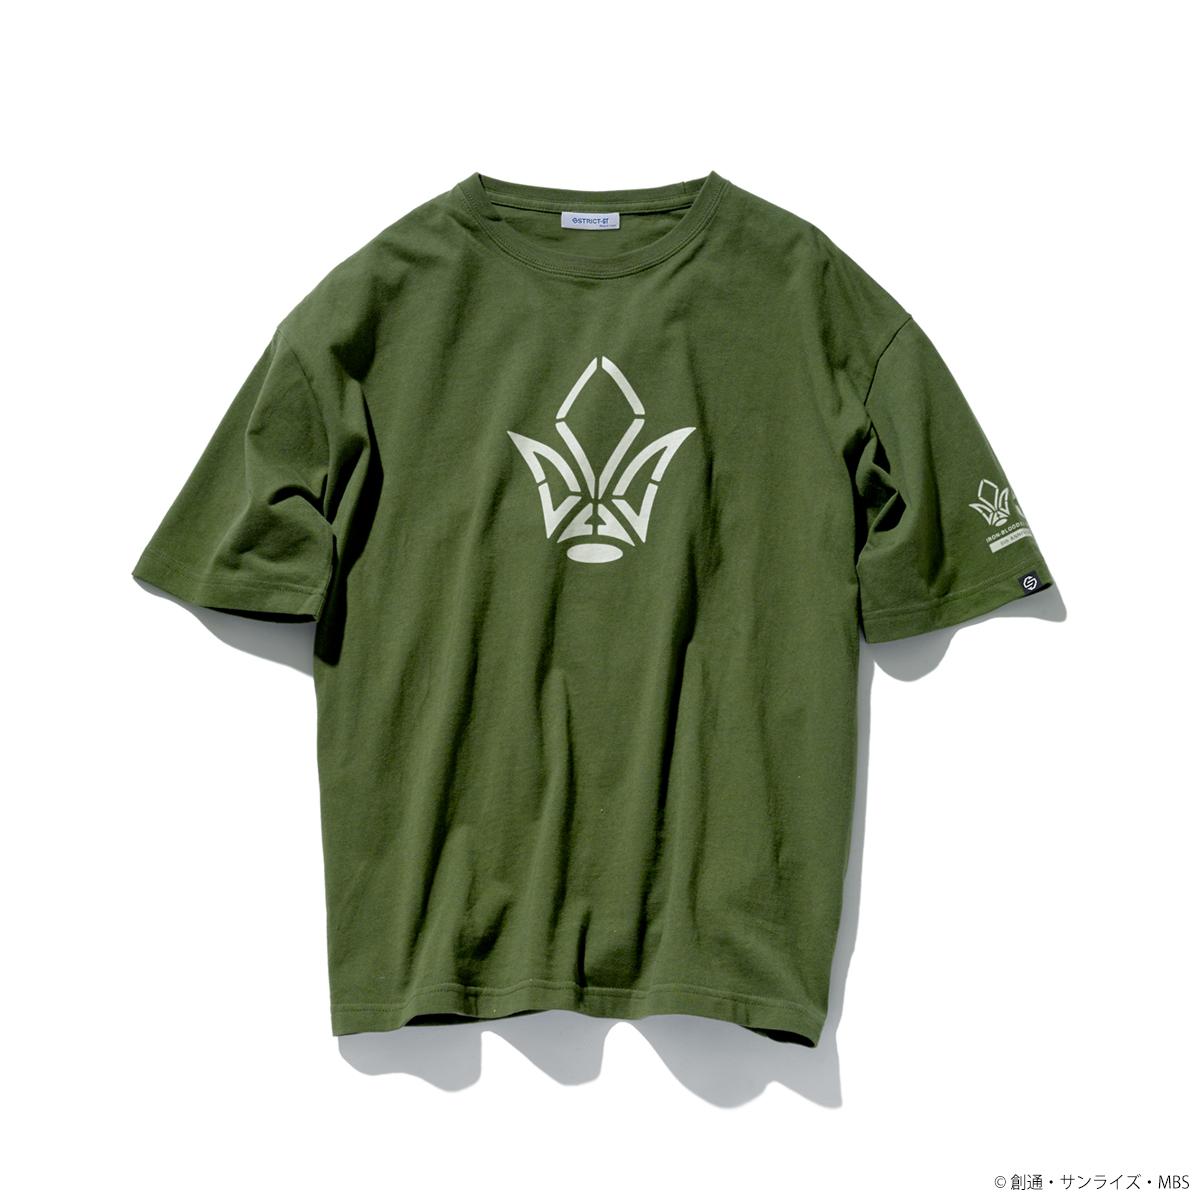 STRICT-G『機動戦士ガンダム 鉄血のオルフェンズ』 ビッグTシャツ 鉄華団